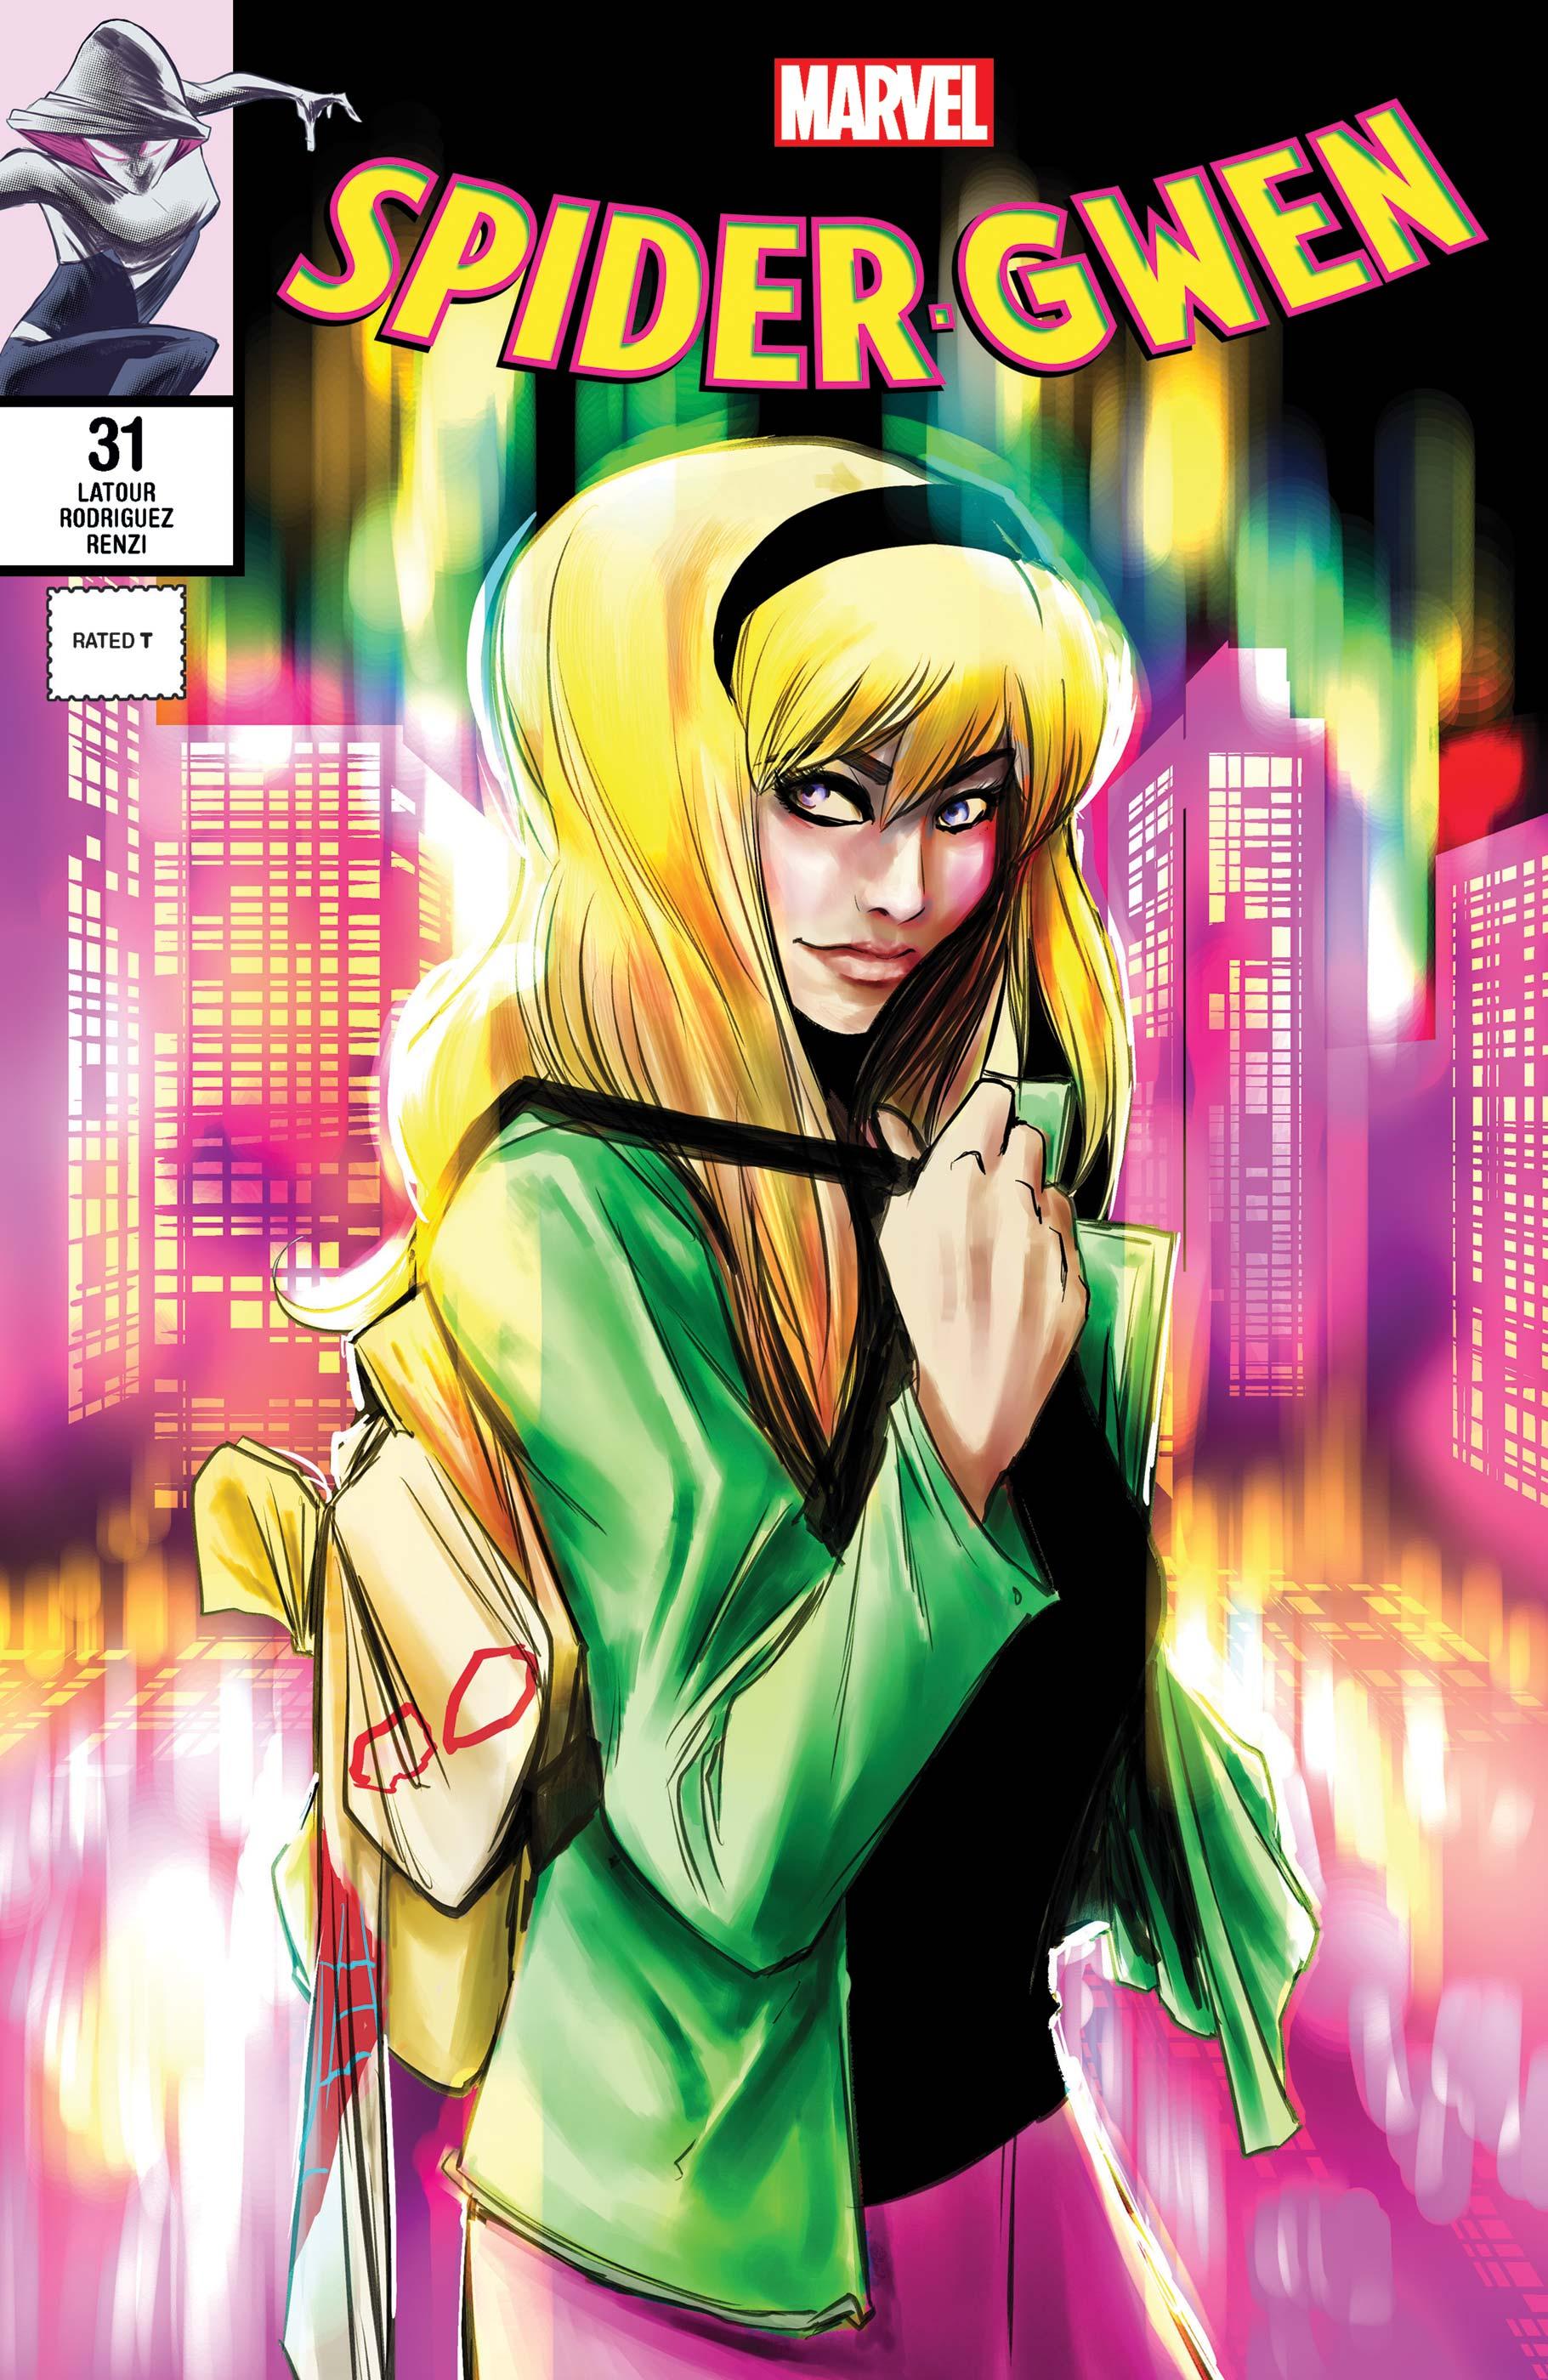 Spider-Gwen (2015) #31